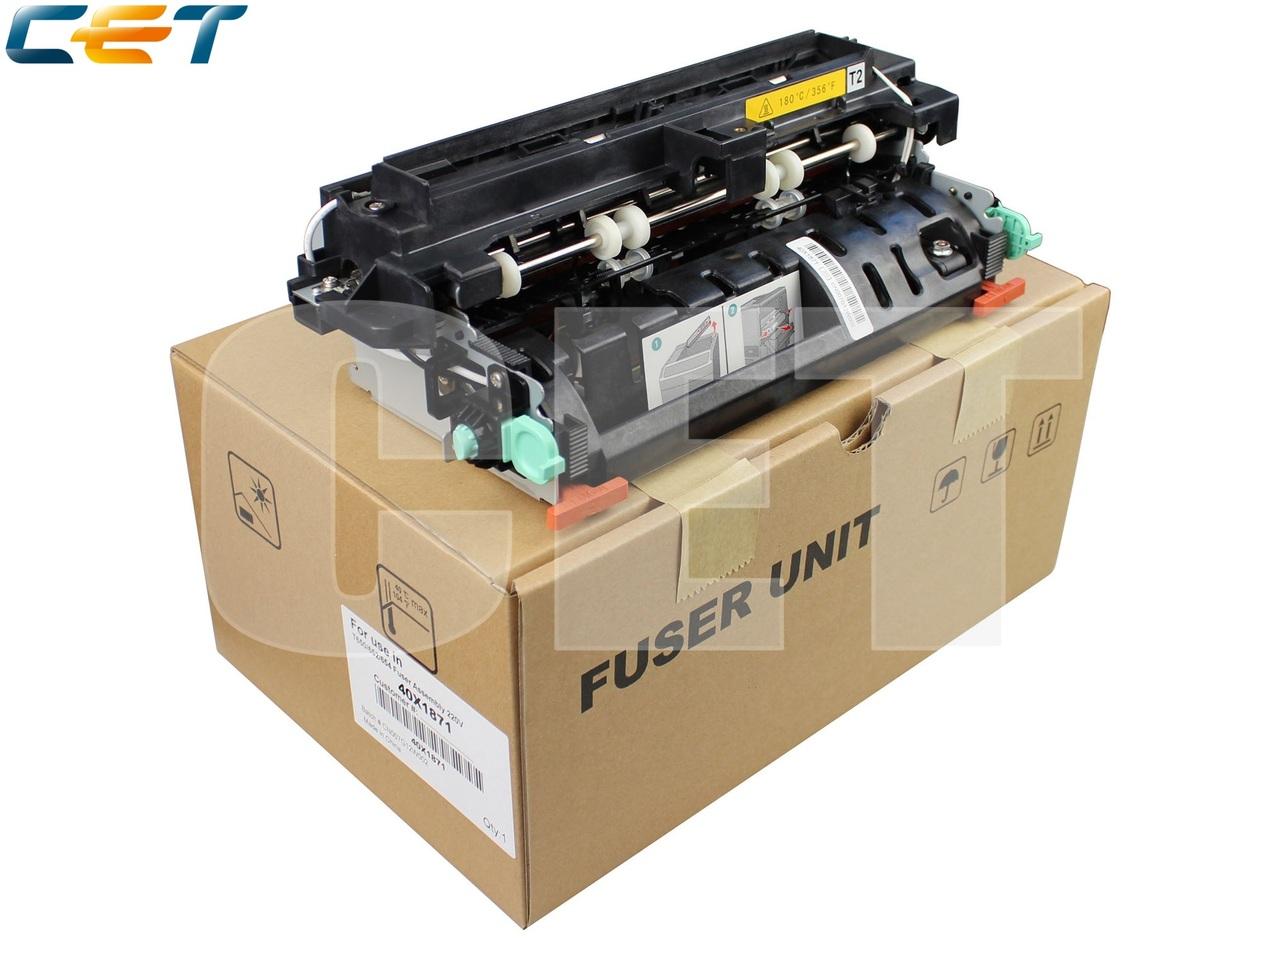 Фьюзер (печка) в сборе 40X1871, 40X5855 для LEXMARKT650/T652/T654/X651/X652/X654/X656/X658 (CET), CET5890